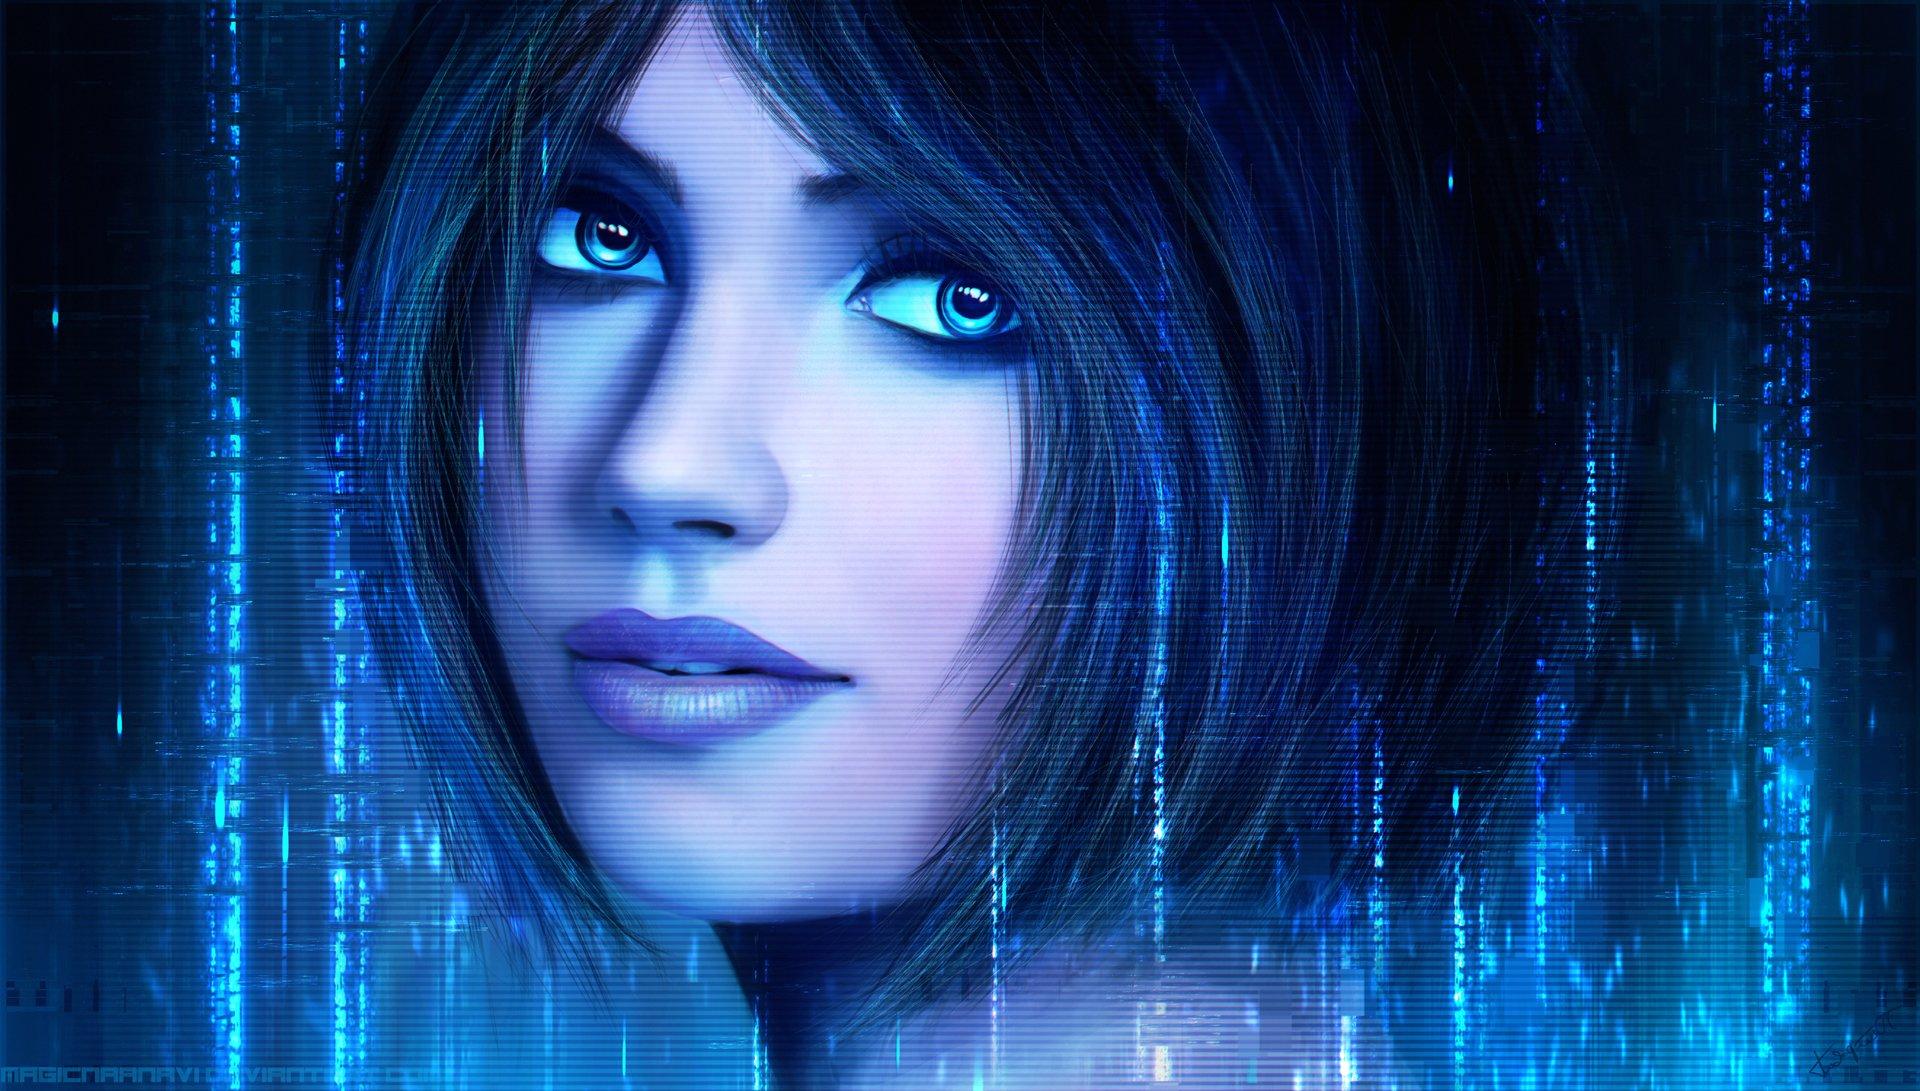 Cortana напомнит о выполнении данных по электронной почте обещаний